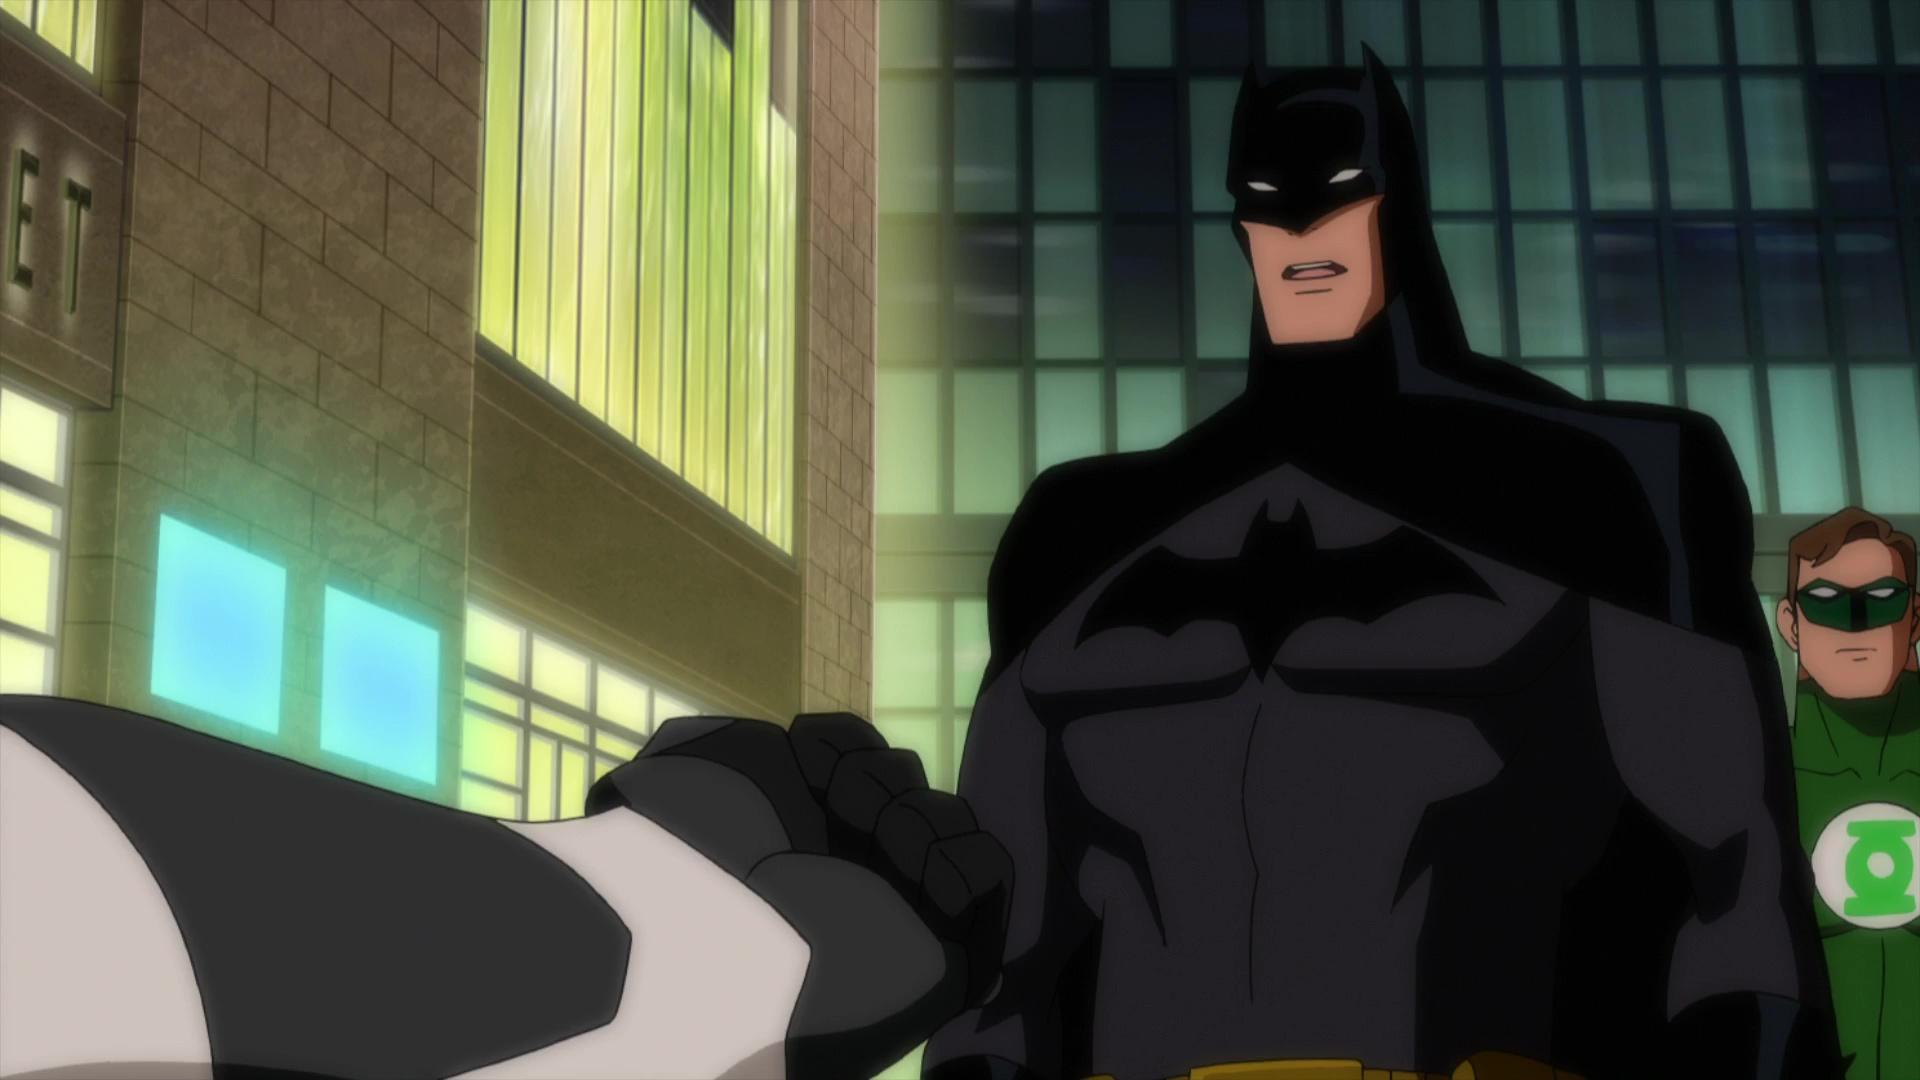 La Liga De La Justicia Perdicion 1080p Lat-Ing[Animacion](2012)